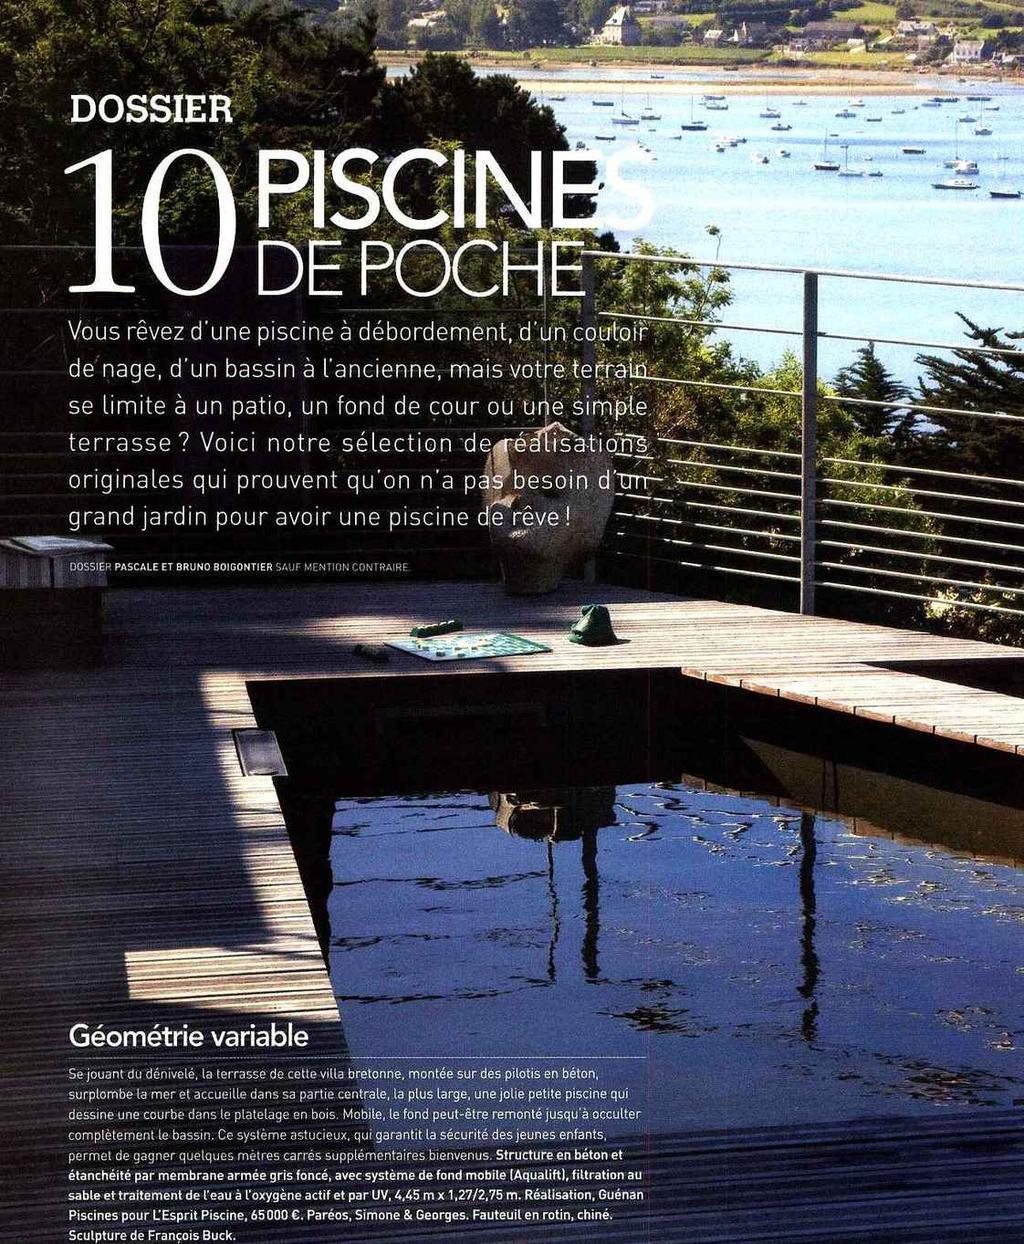 Salon De Jardin Unopiu Beau Pisc1m De Poche Dossier Géométrie Variable Pdf Free Download Of 40 Unique Salon De Jardin Unopiu